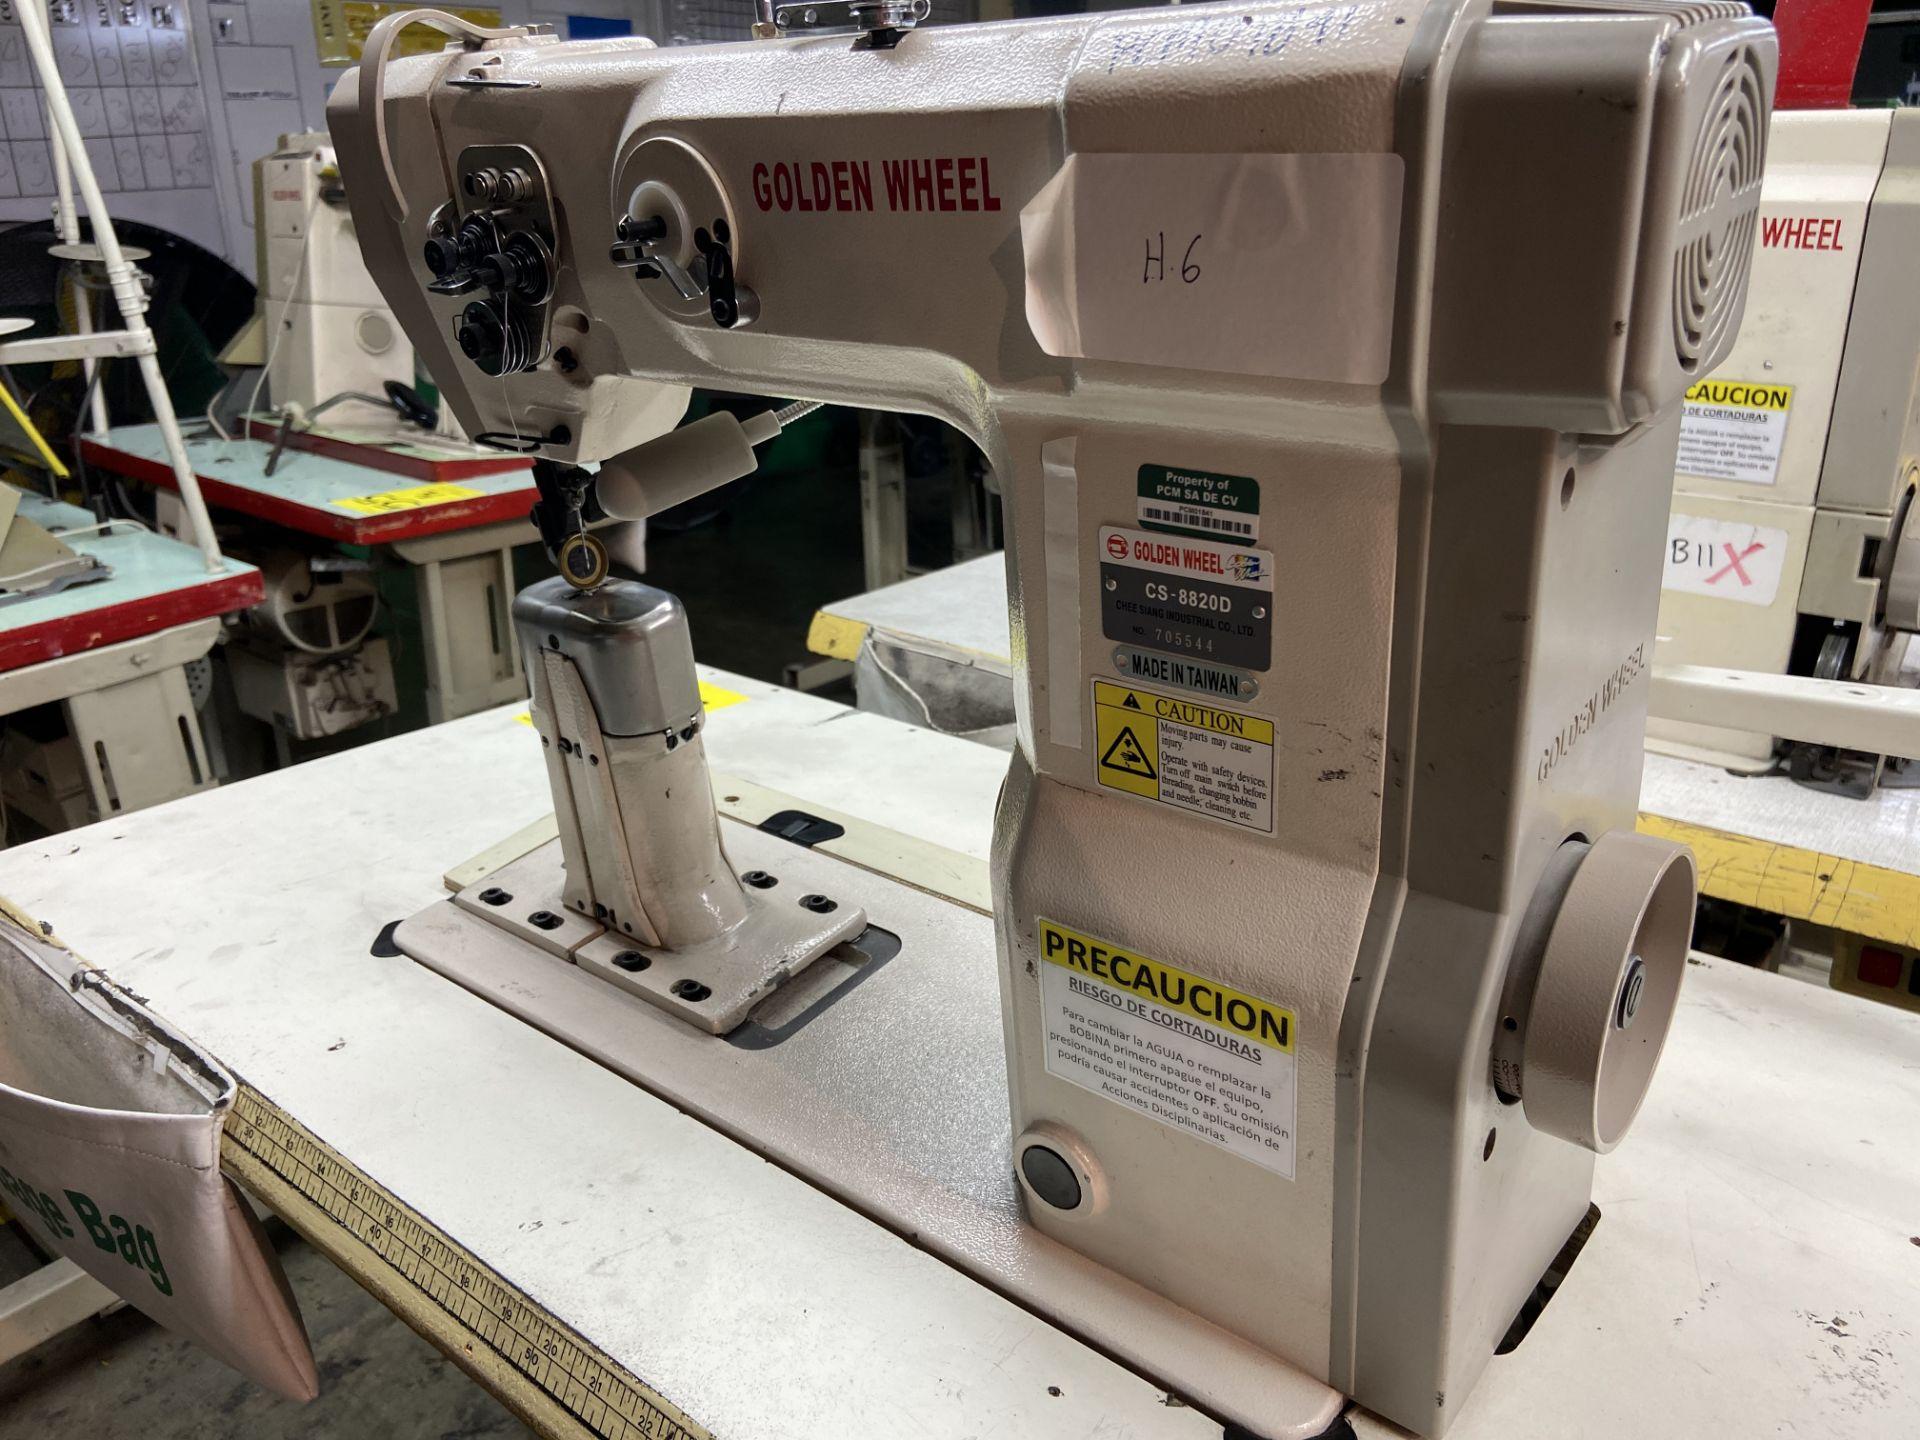 Lot 54 - (2) Máquinas de costura marca Golden Wheel de una y dos agujas